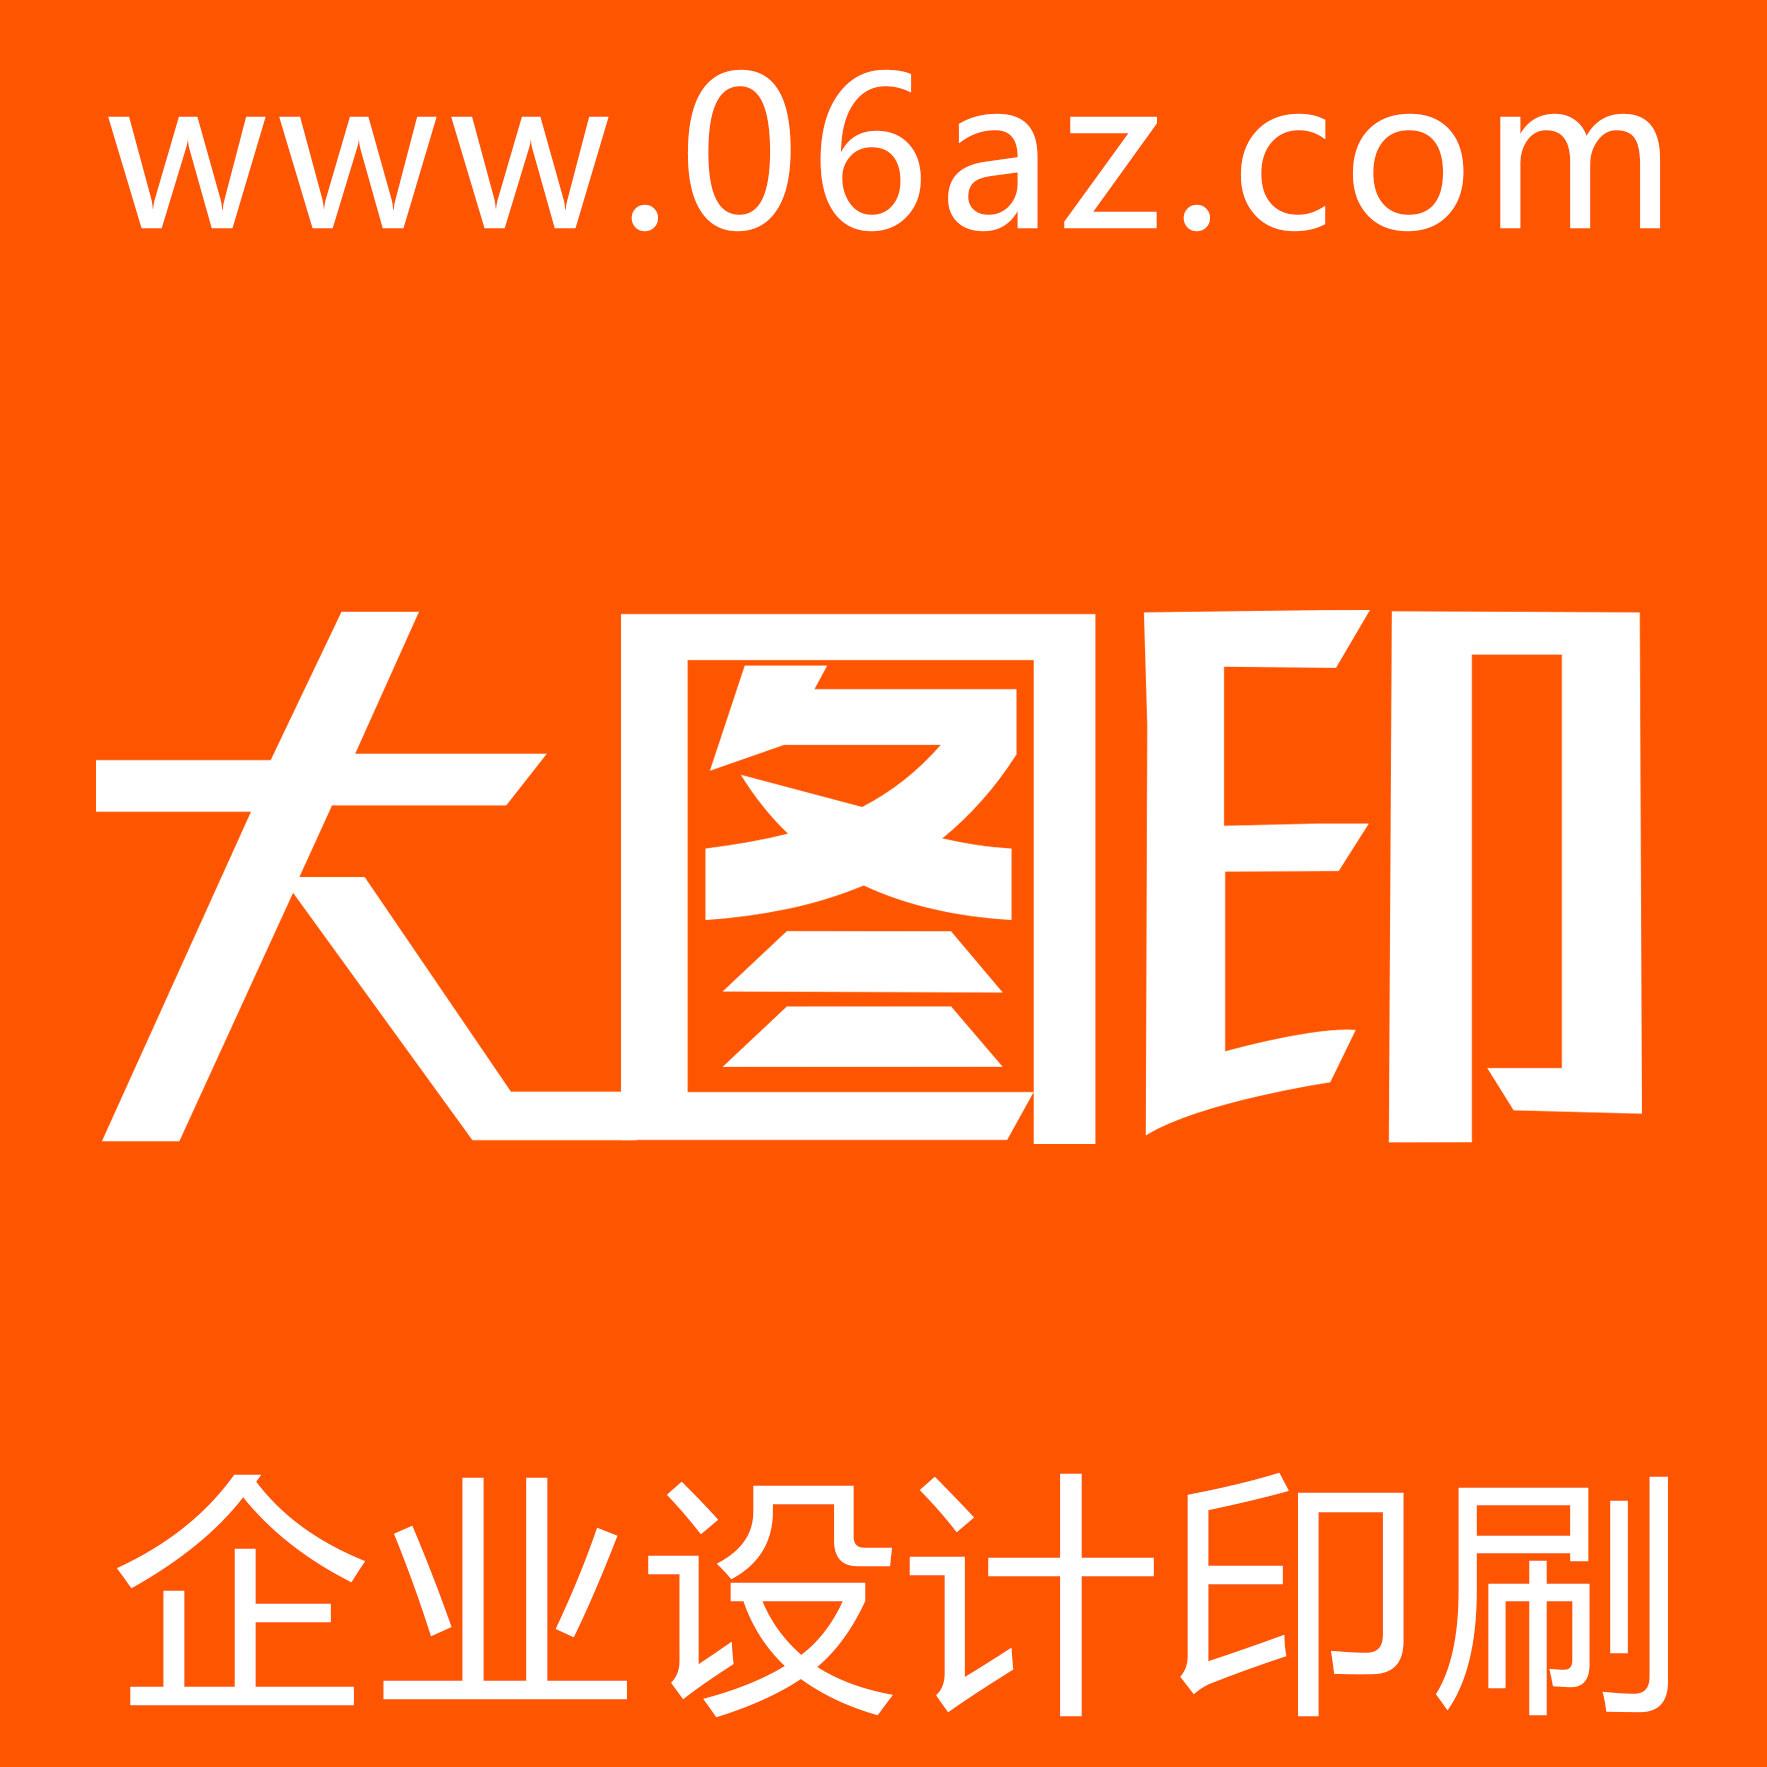 郑州大图企业营销策划有限公司